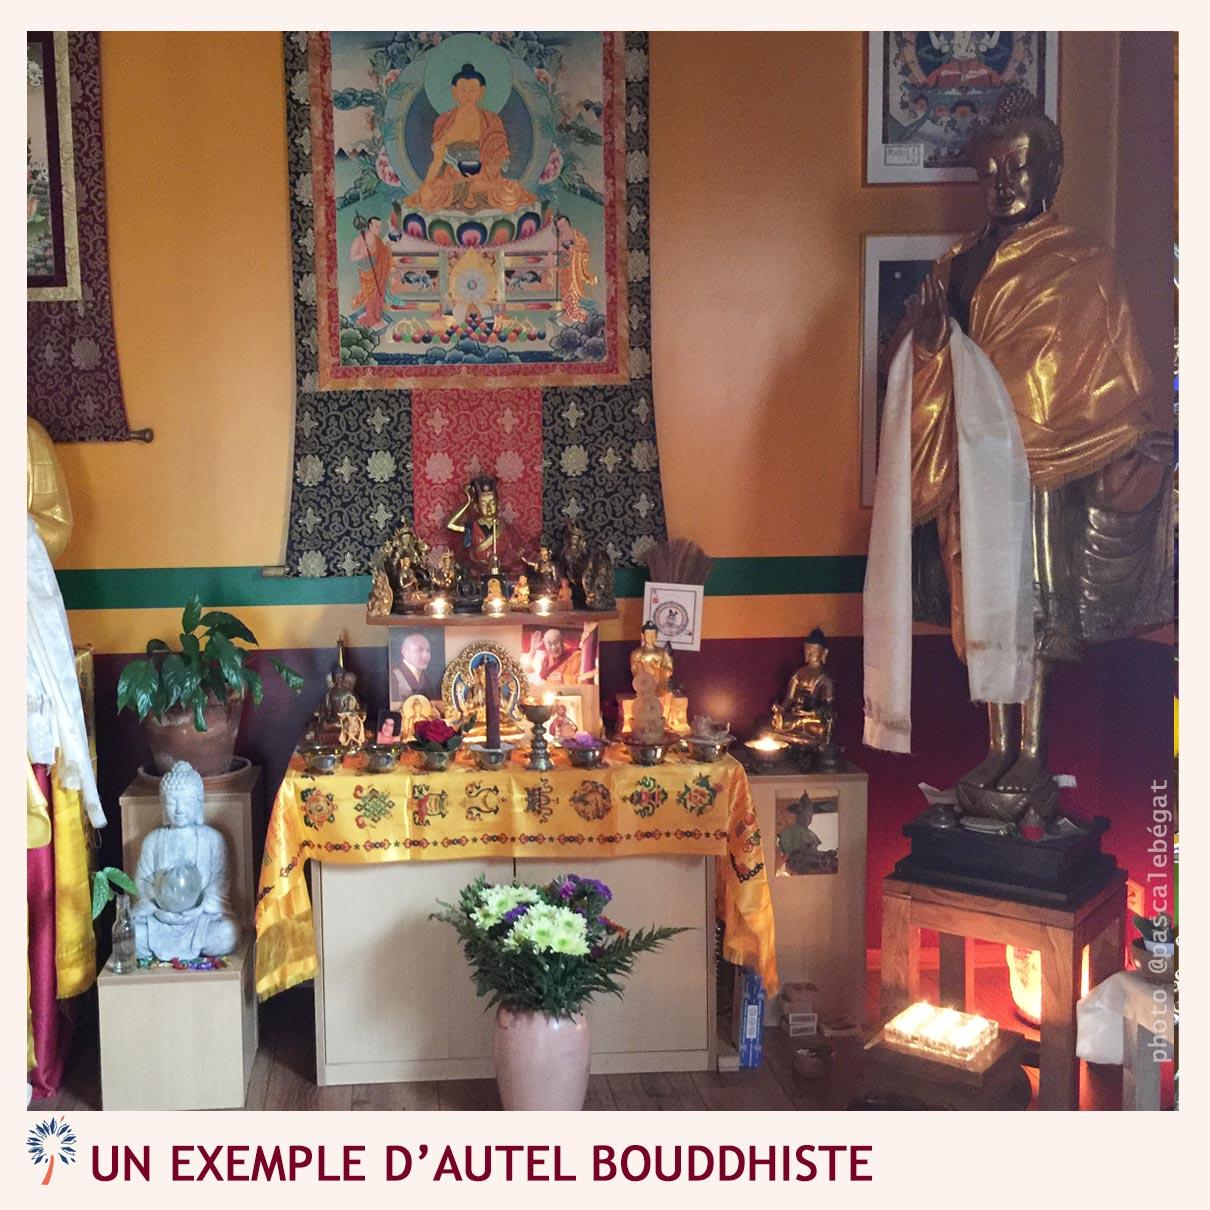 Autel bouddhiste